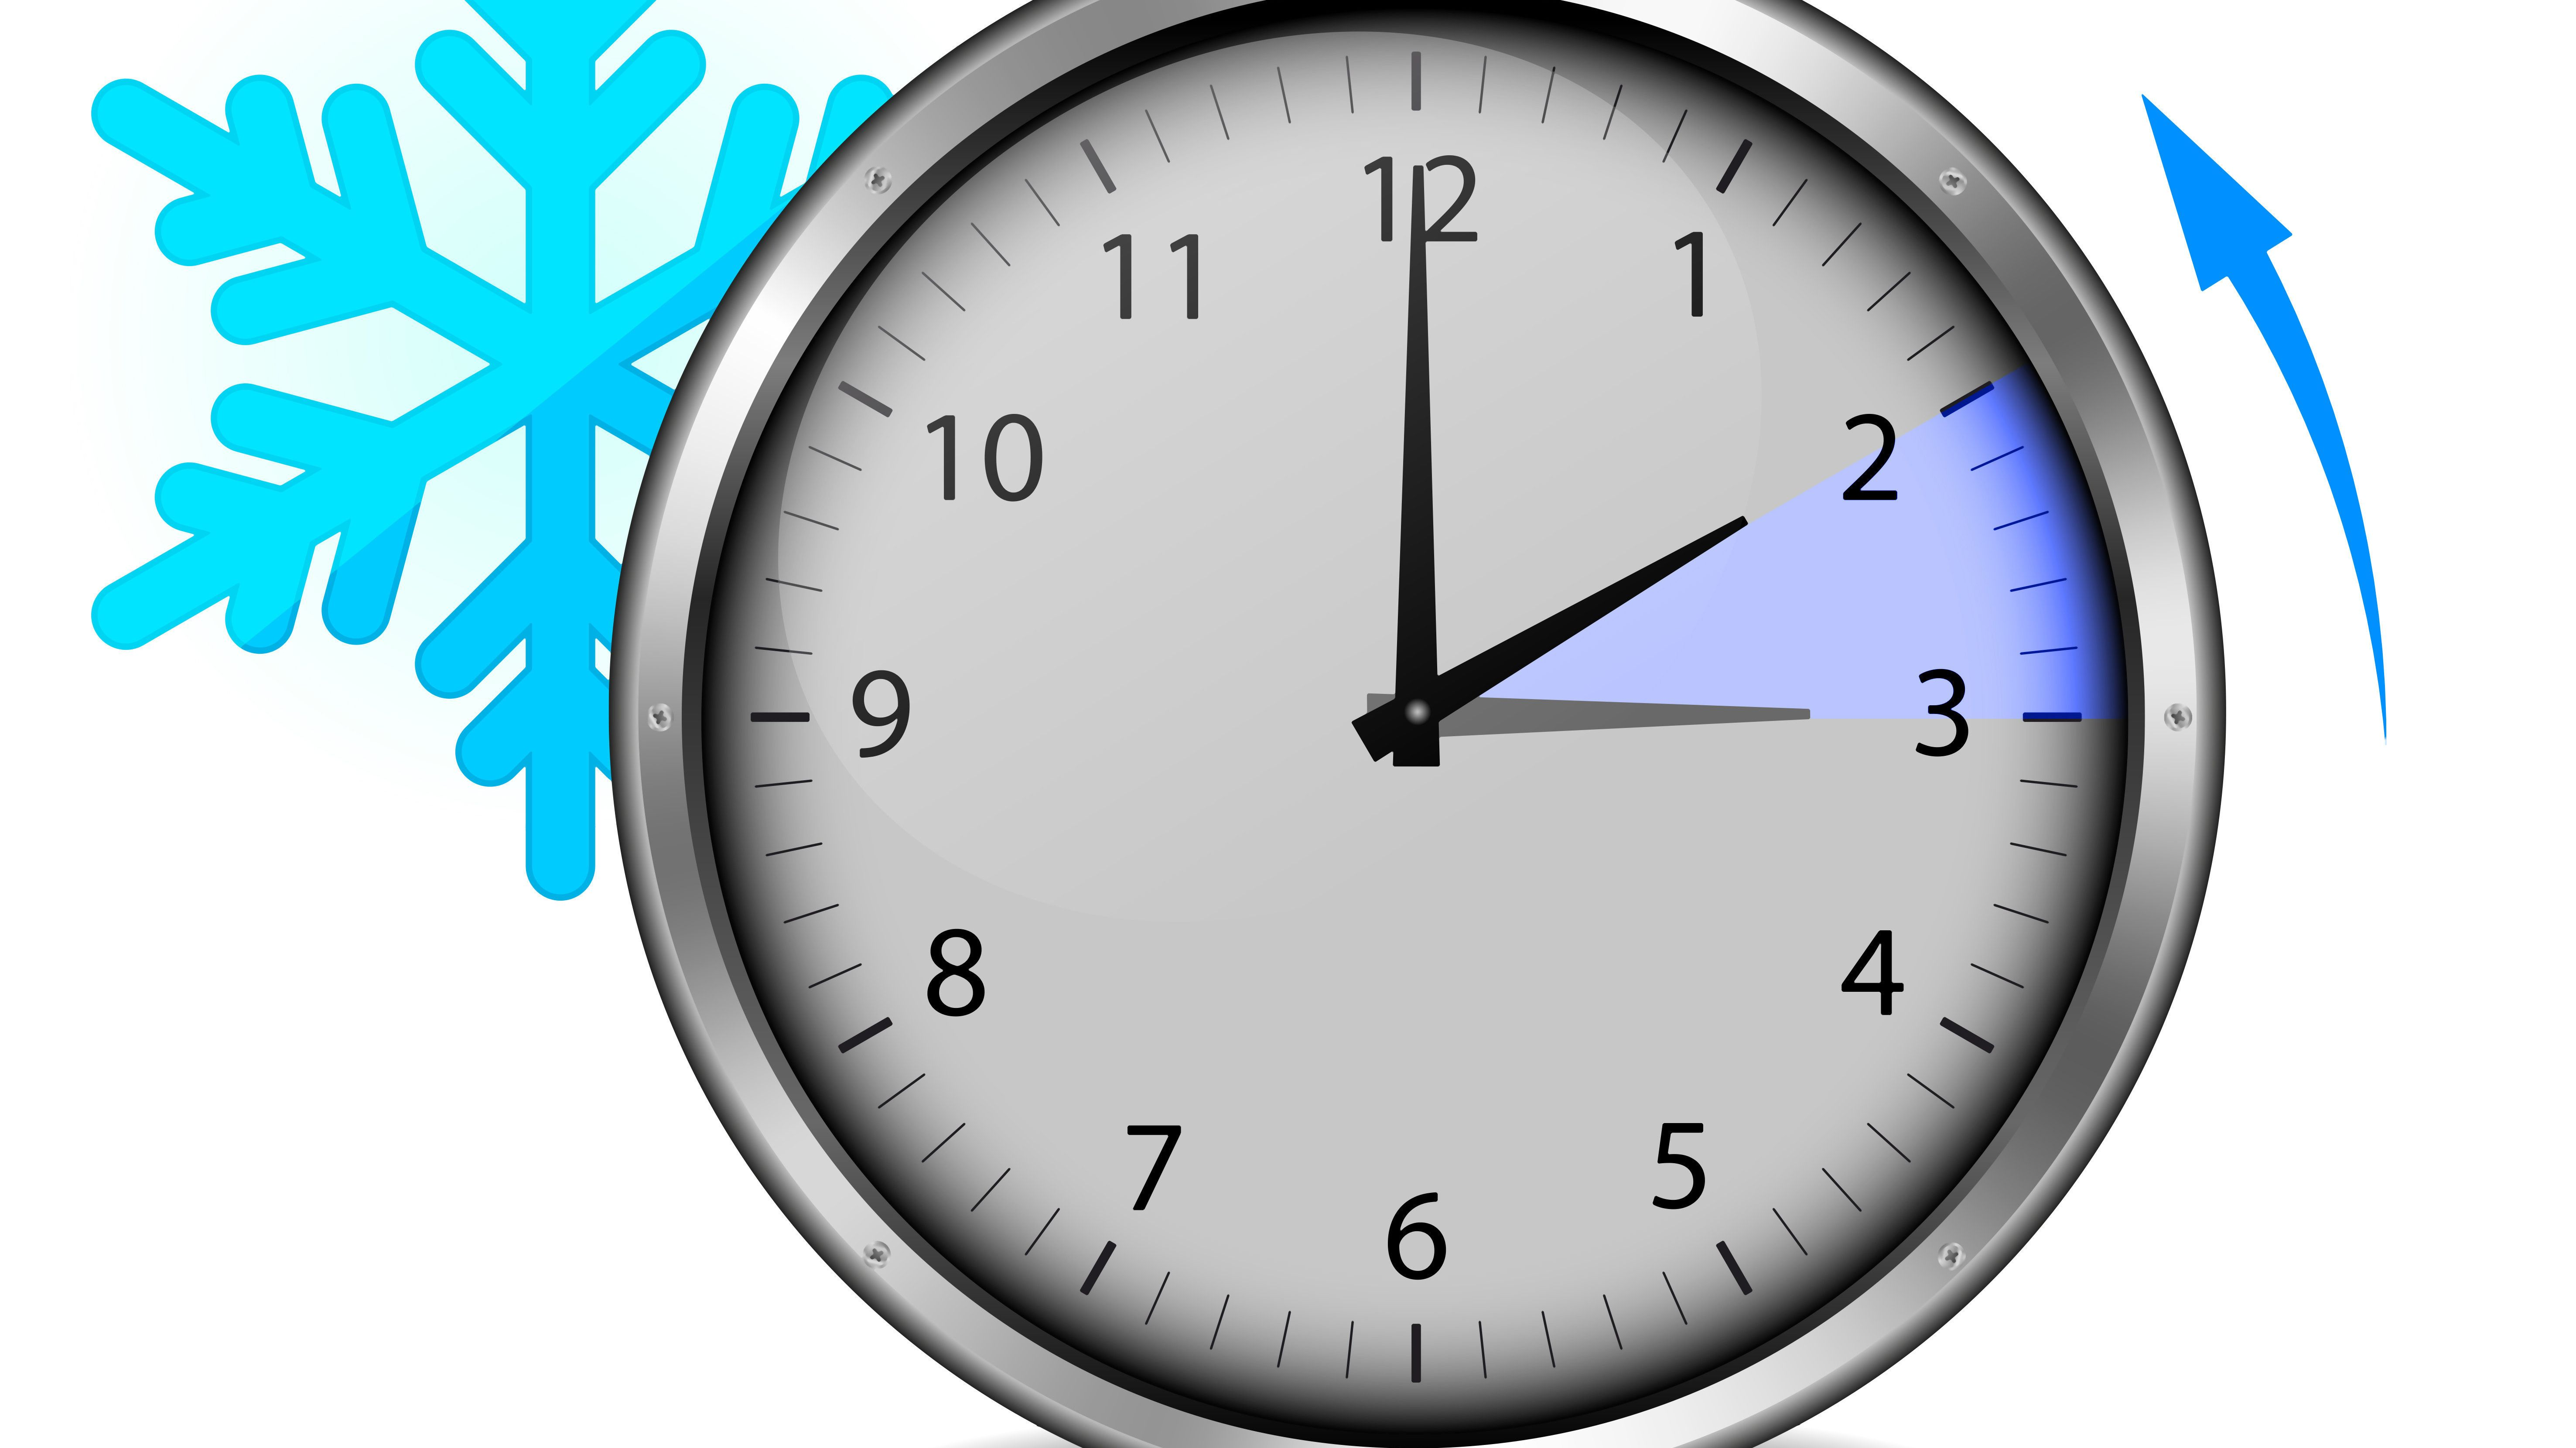 Uhren Umstellen 2021 Wann